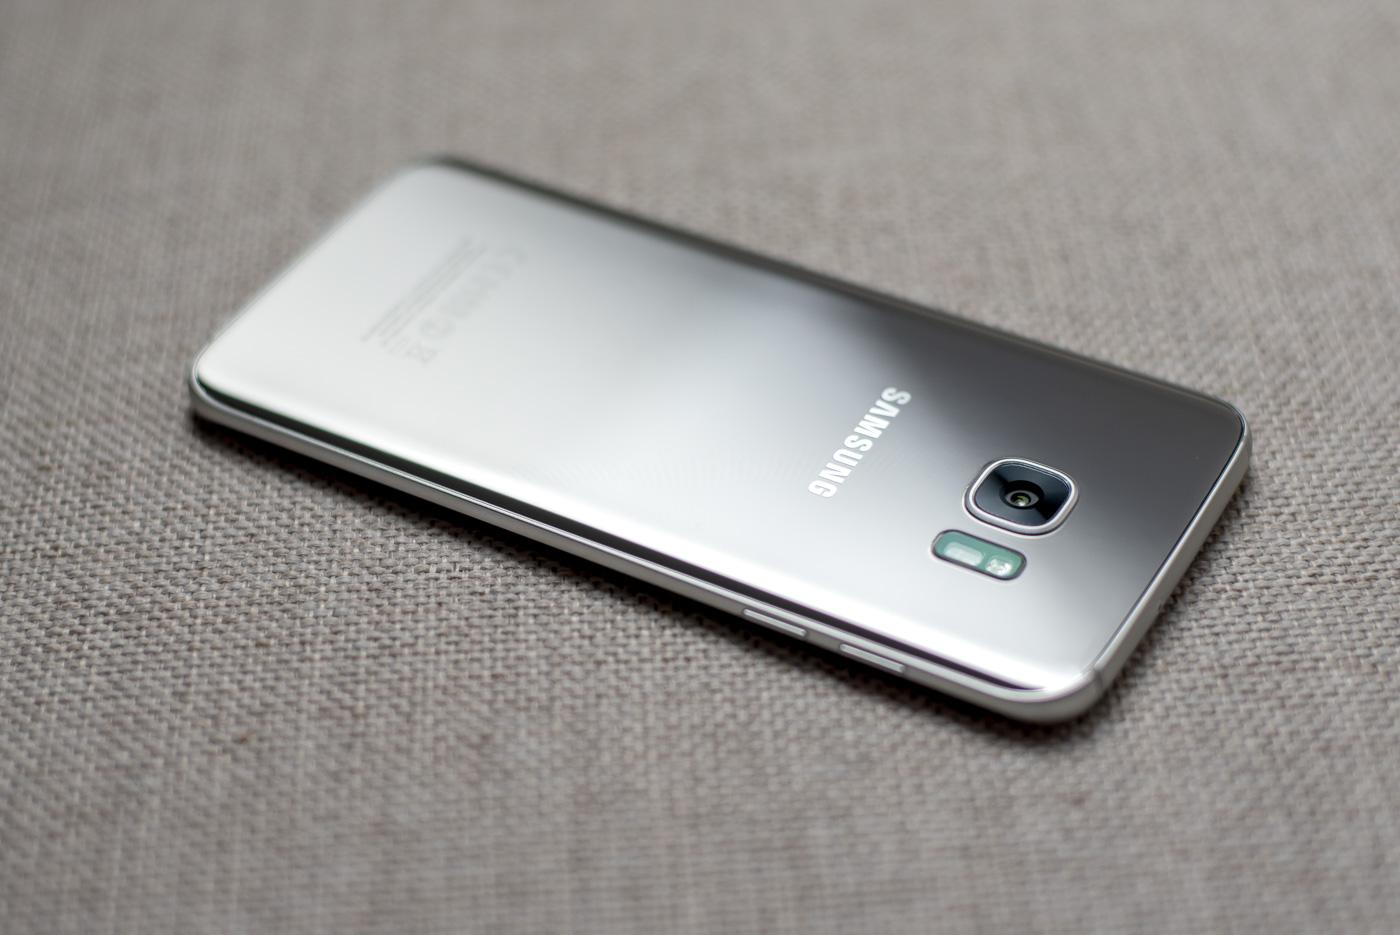 Bezpieczny Katalog trafił właśnie na Samsunga Galaxy S7. To jak tryb incognito dla aplikacji